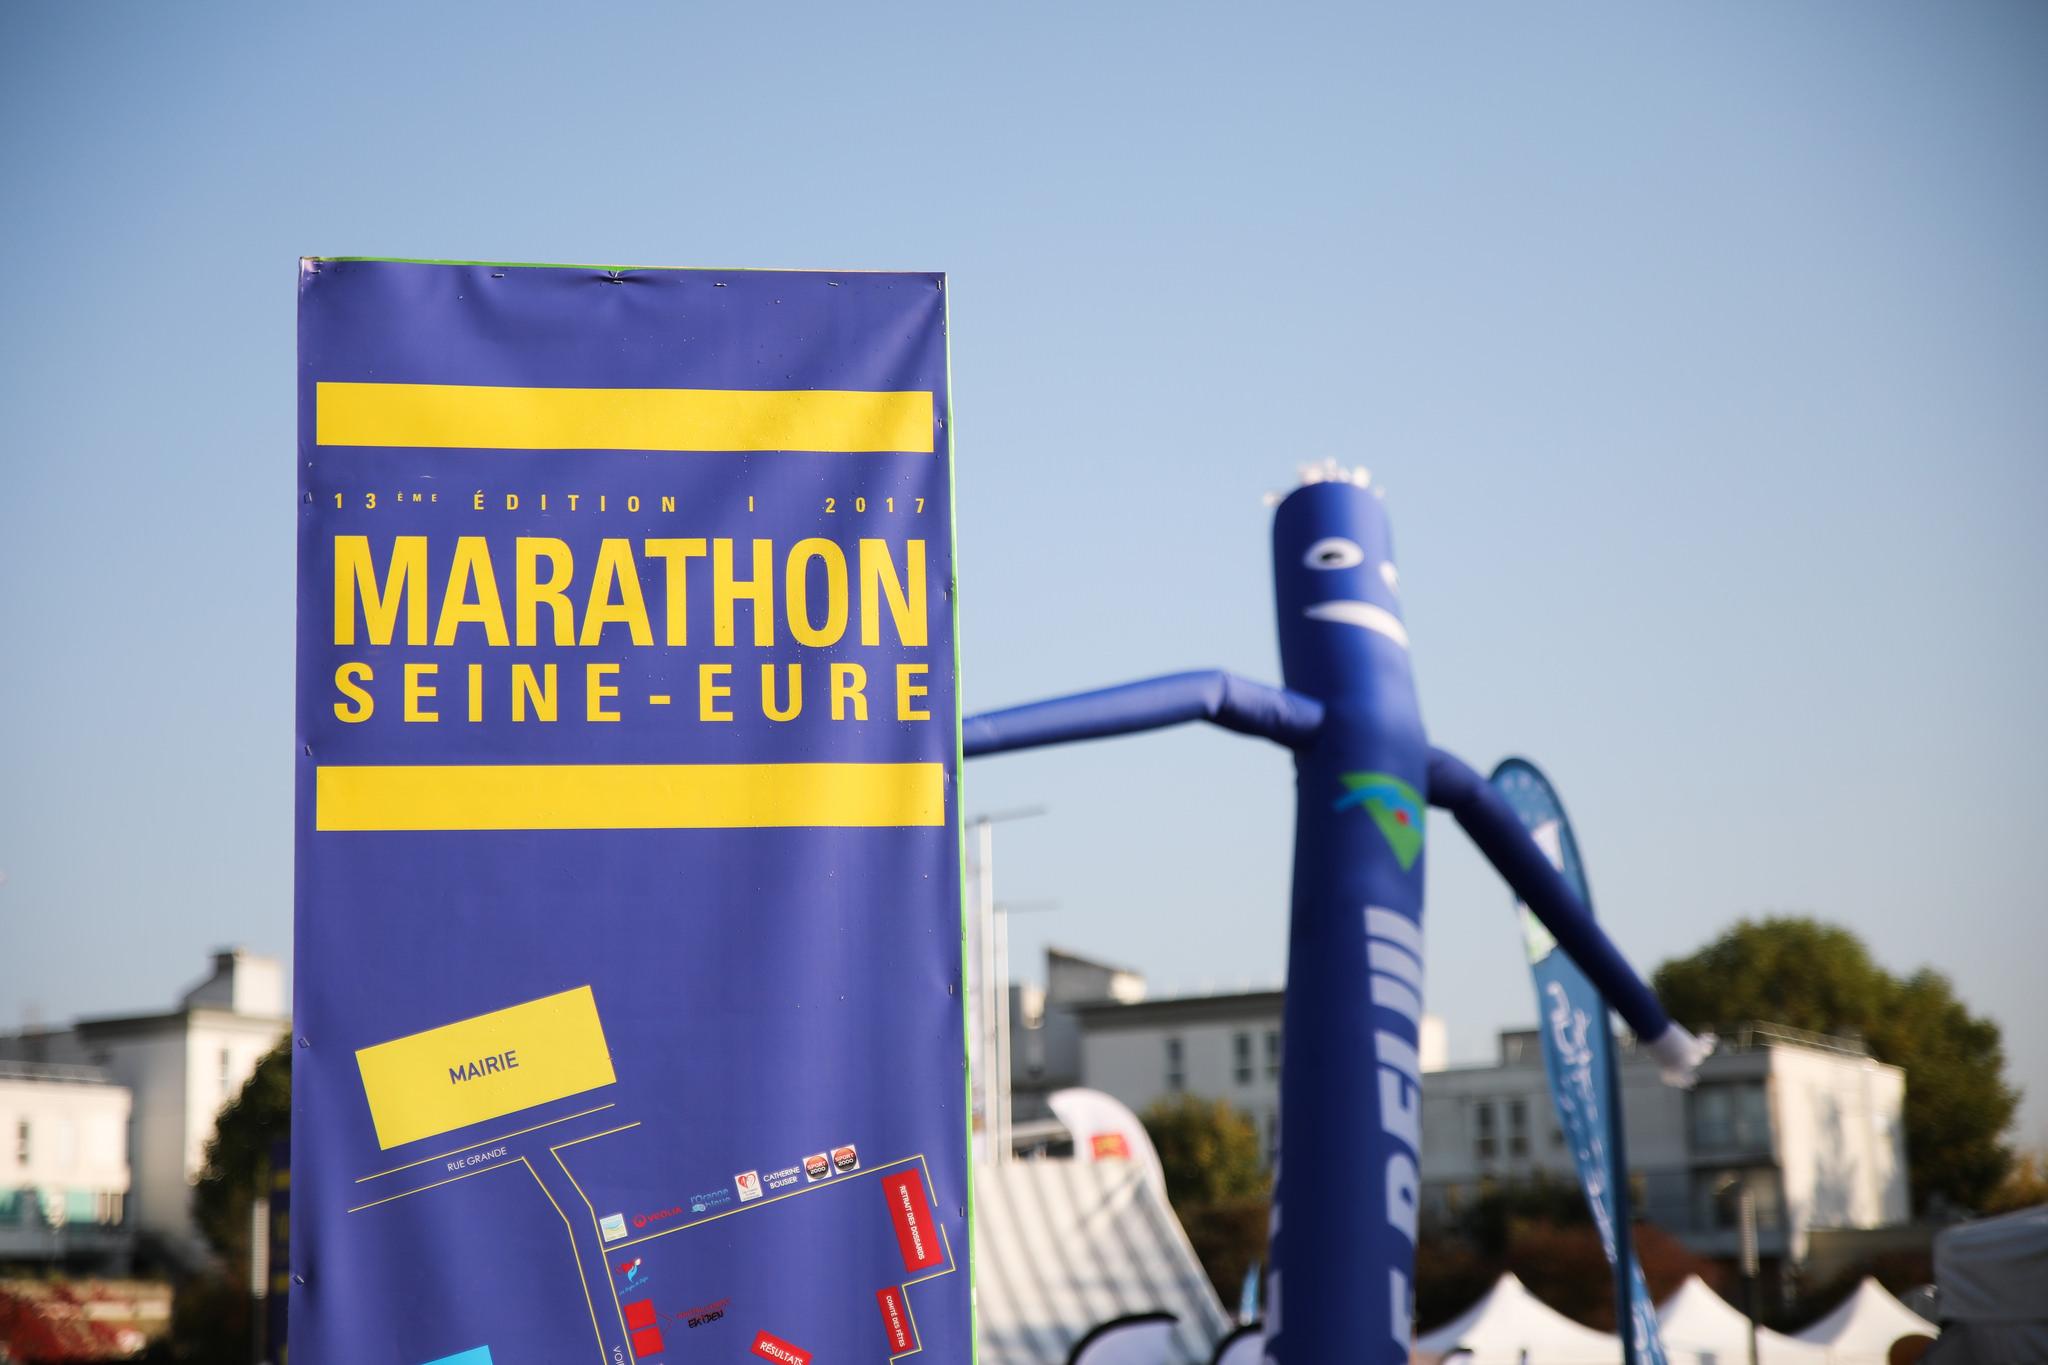 Le Marathon Seine-Eure du 15 Octobre 2017 : nos photos !